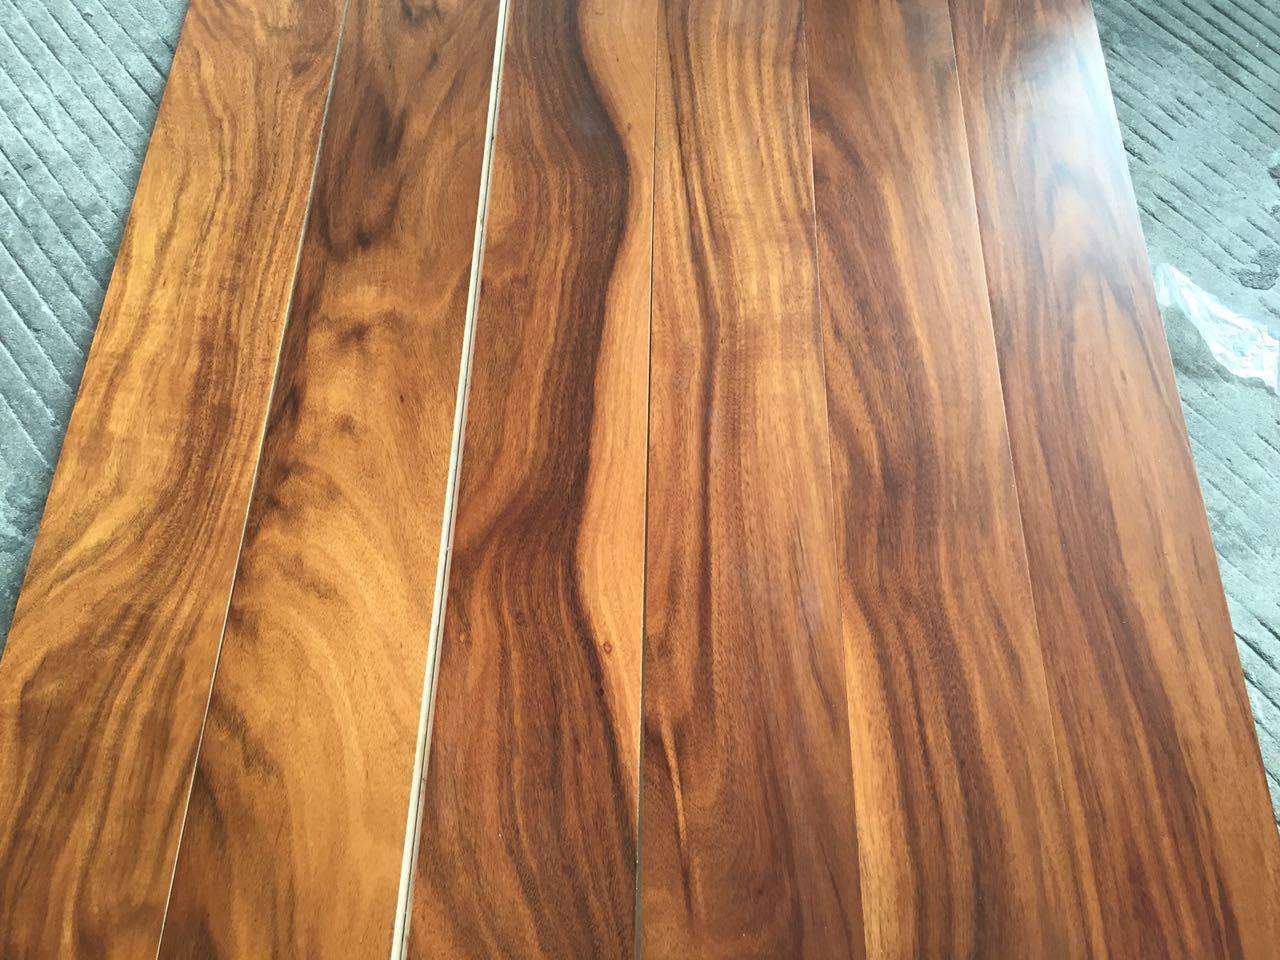 China Acacia Golden Walnut Engineered Hardwood Flooring 5 X 35